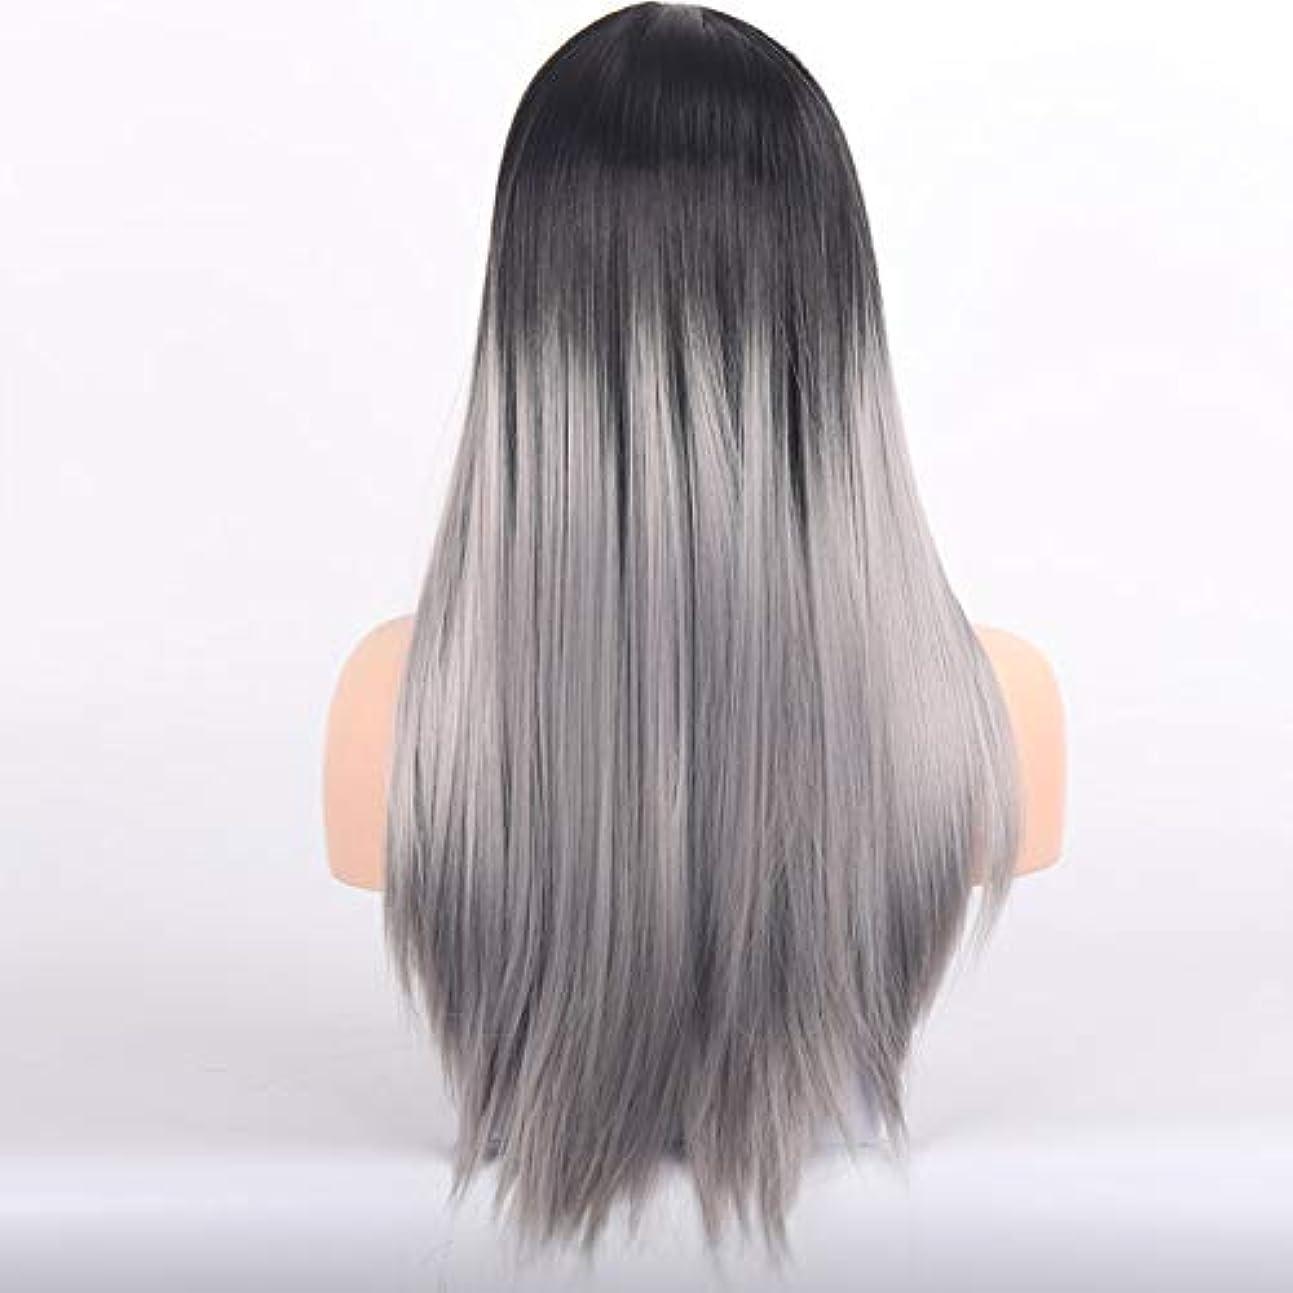 圧縮された序文伝染病美しく LISI HAIRブロンドロングストレートウィッグと前髪の人工毛かつらバタンとウィッグのために女性ブラックブラウン耐熱ウィッグ26インチ (Color : 1B/30HL, Stretched Length : 26inches)